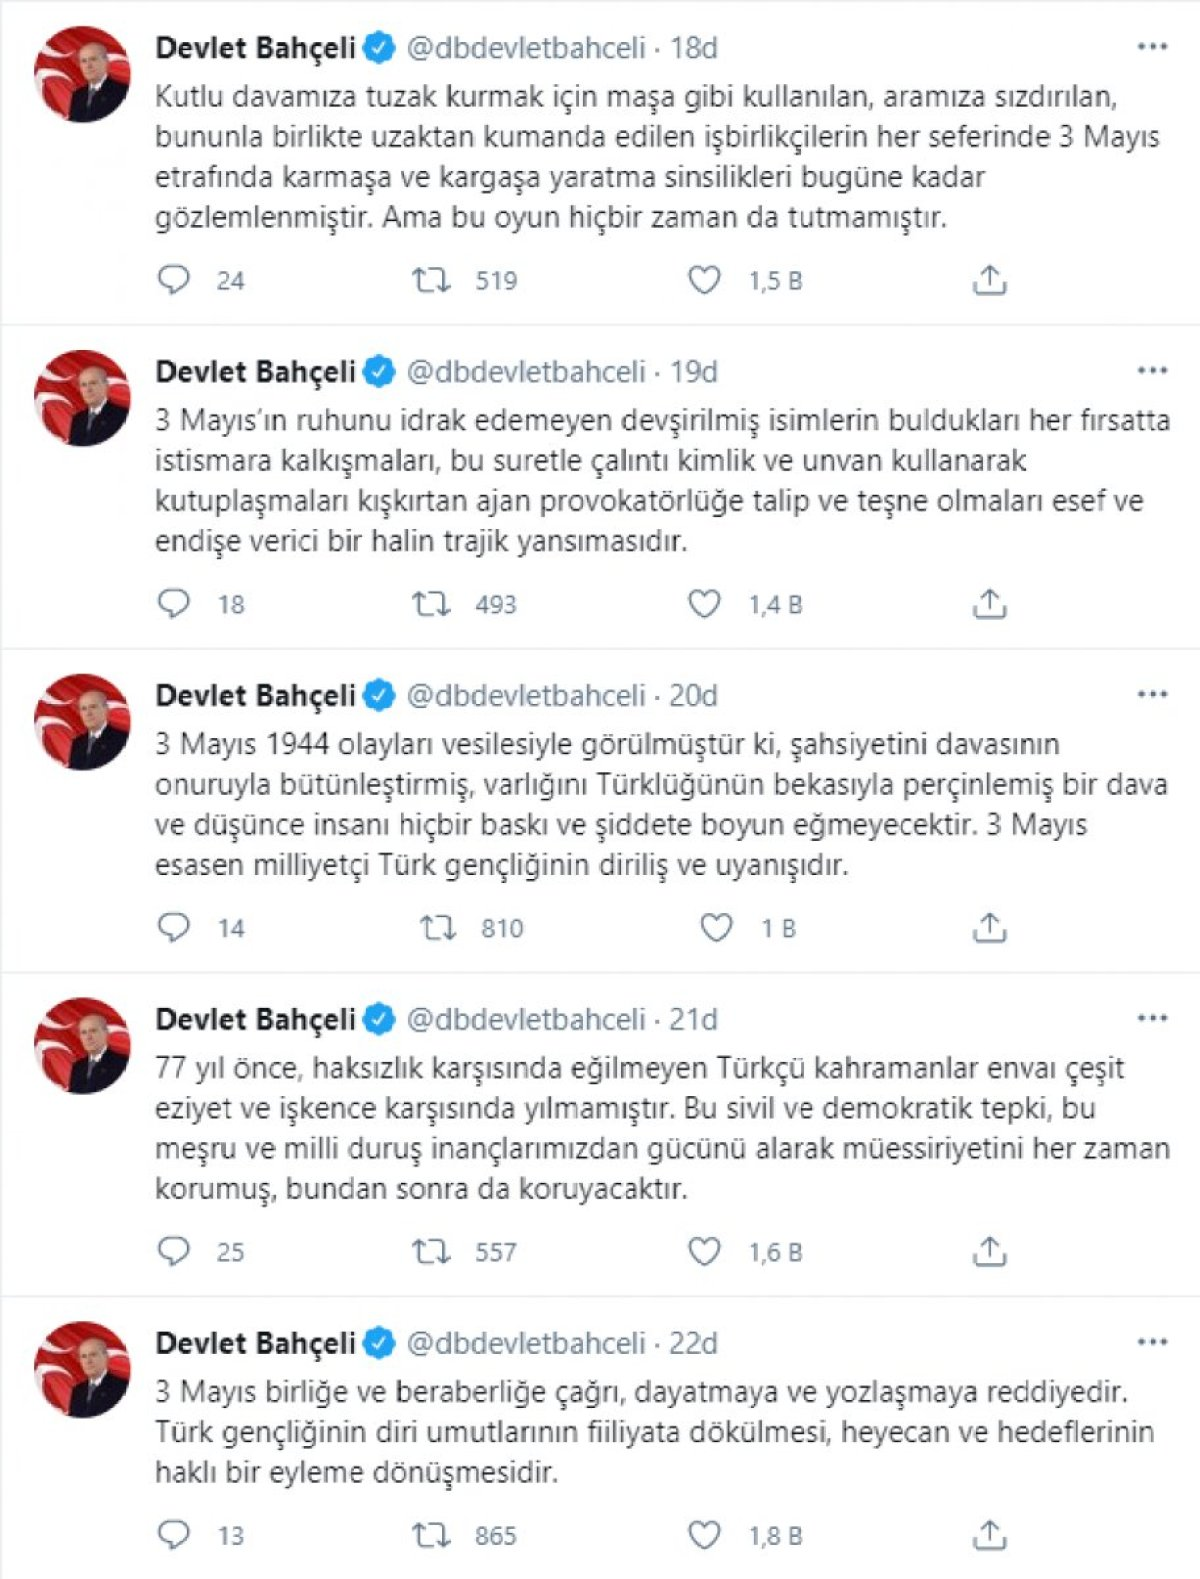 Devlet Bahçeli den 3 Mayıs Türkçülük Günü mesajı #2